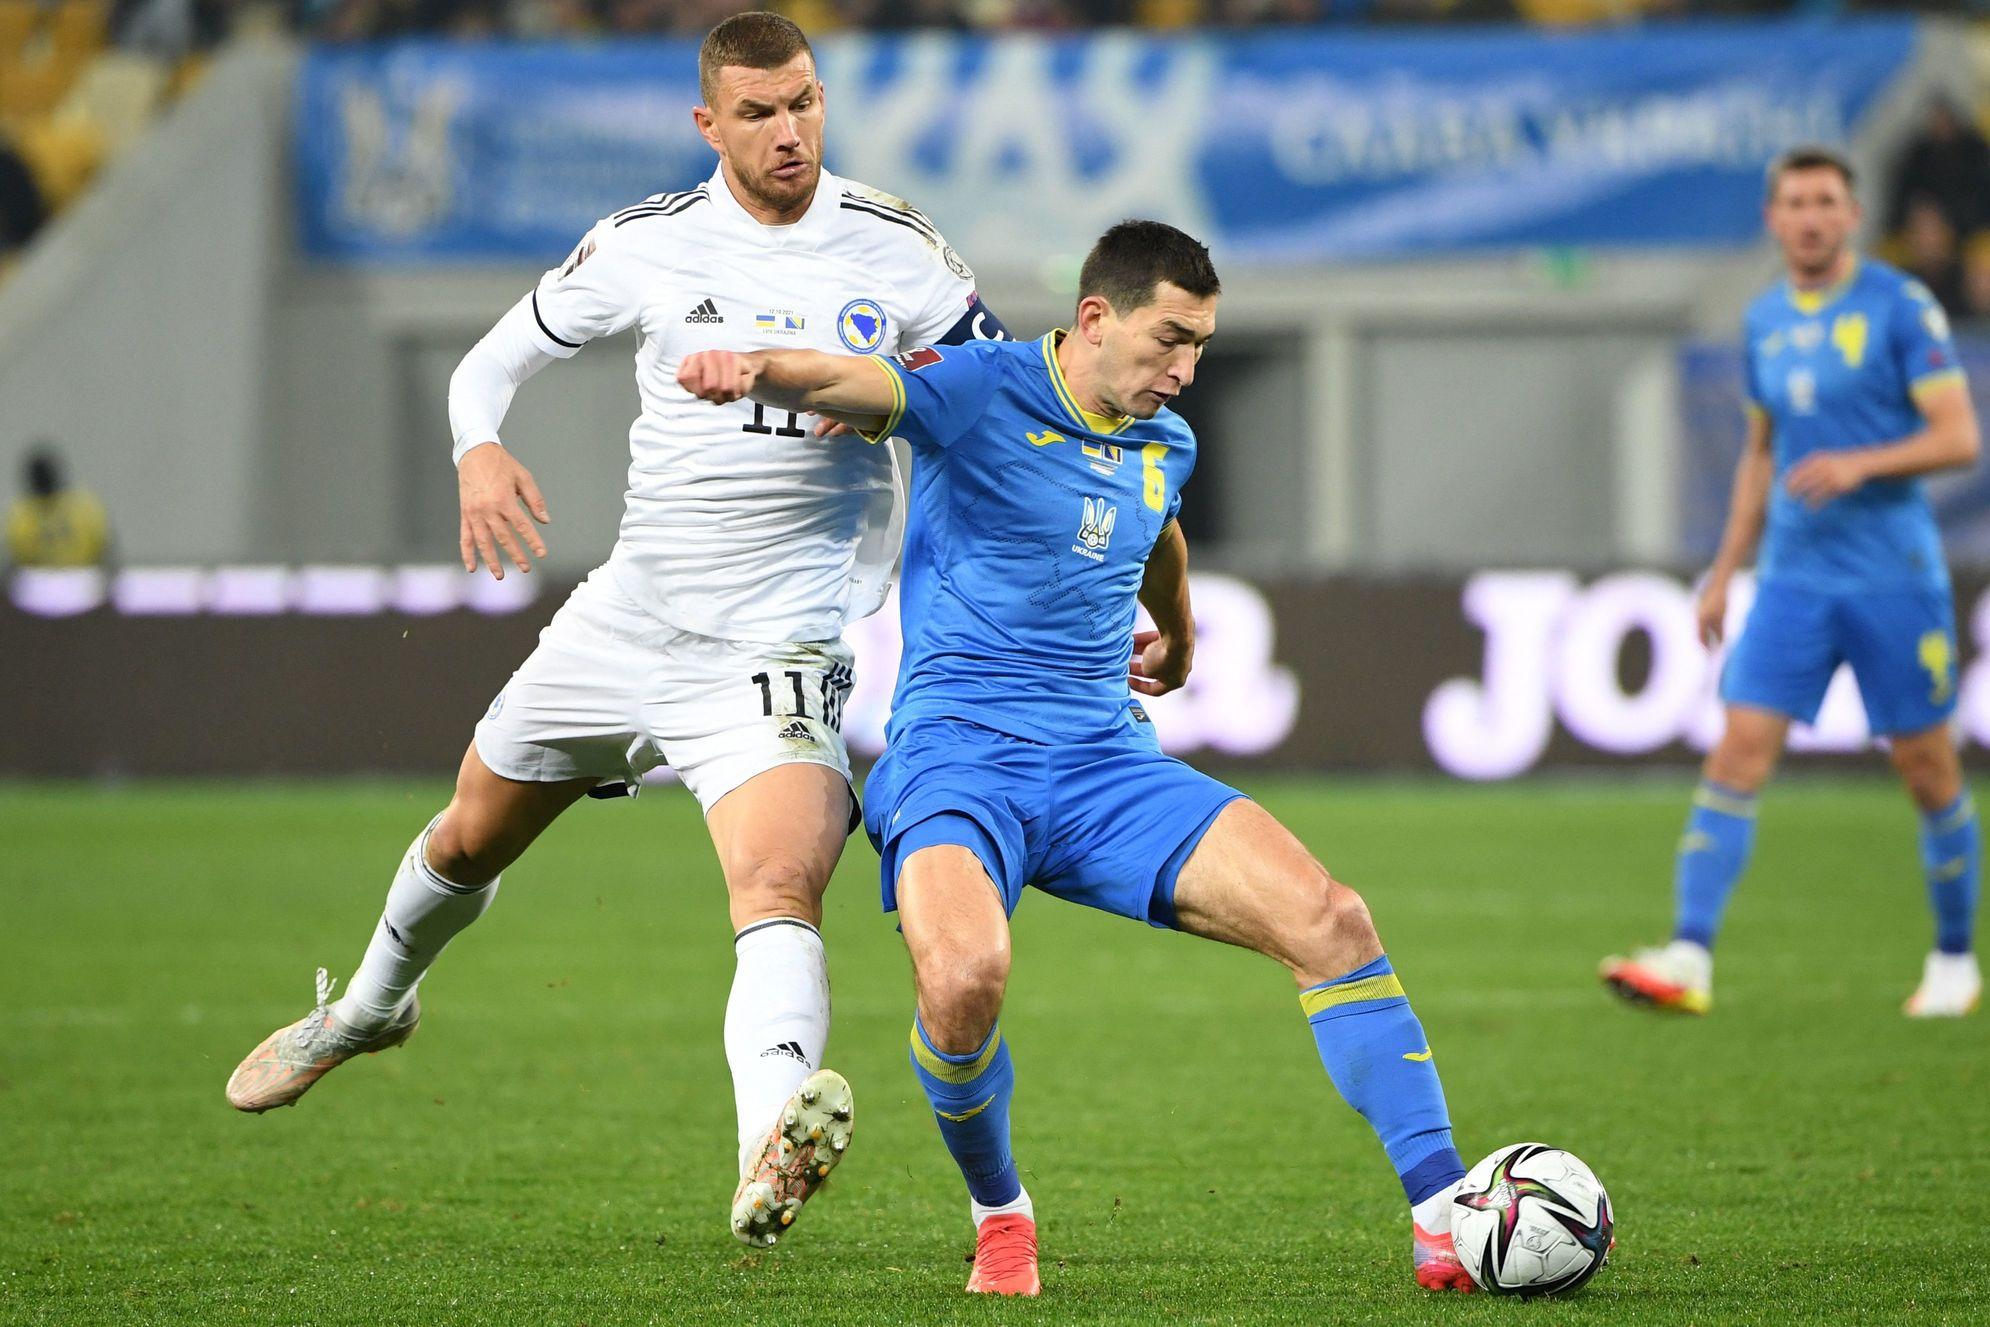 Футбол України – сидіння на пороховій діжці. Може пощастити, може і рвонути. Це точно не про класну команду - изображение 2